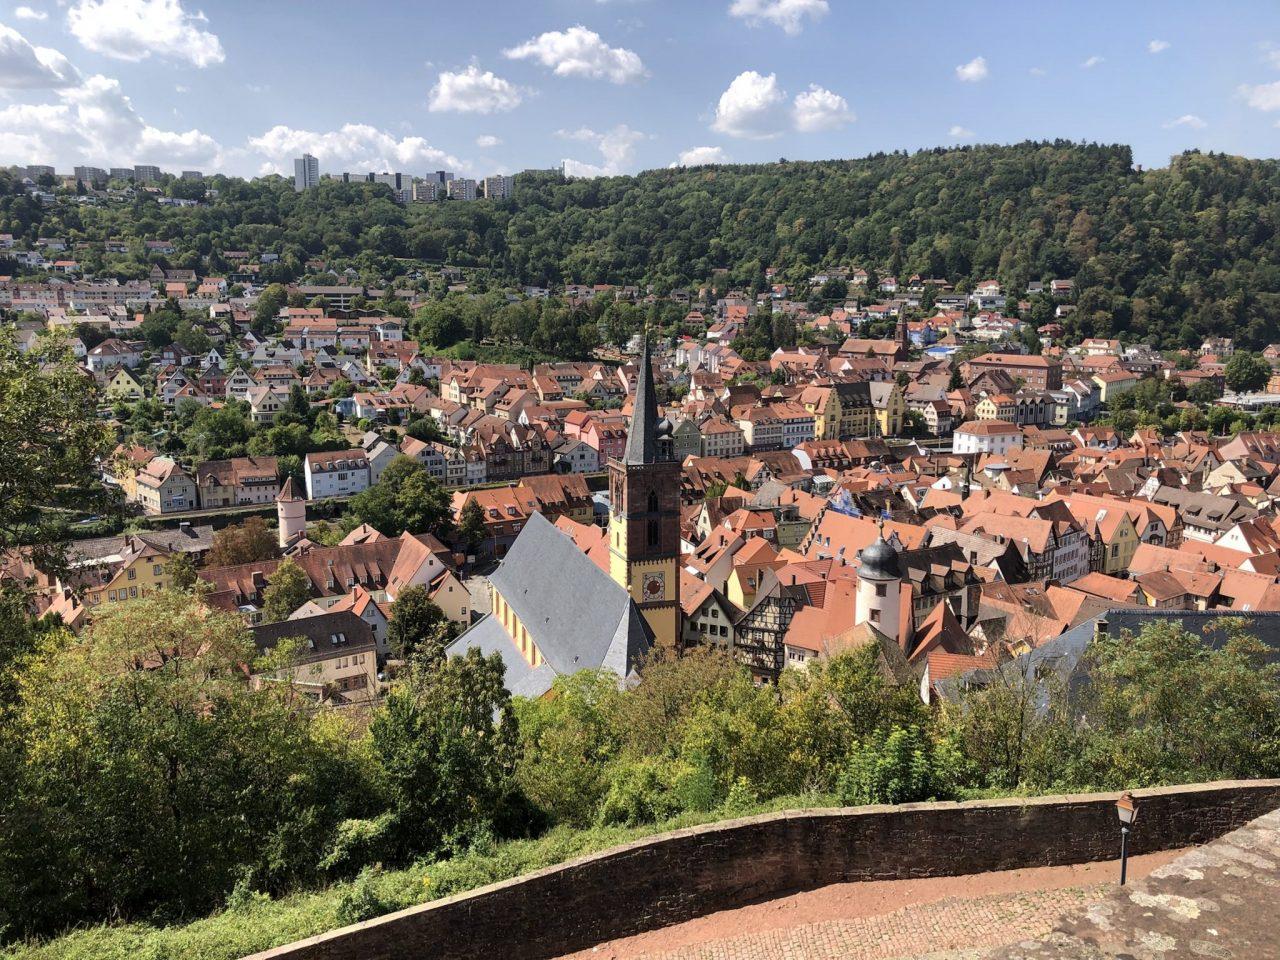 View of Wertheim from Wertheim Castle